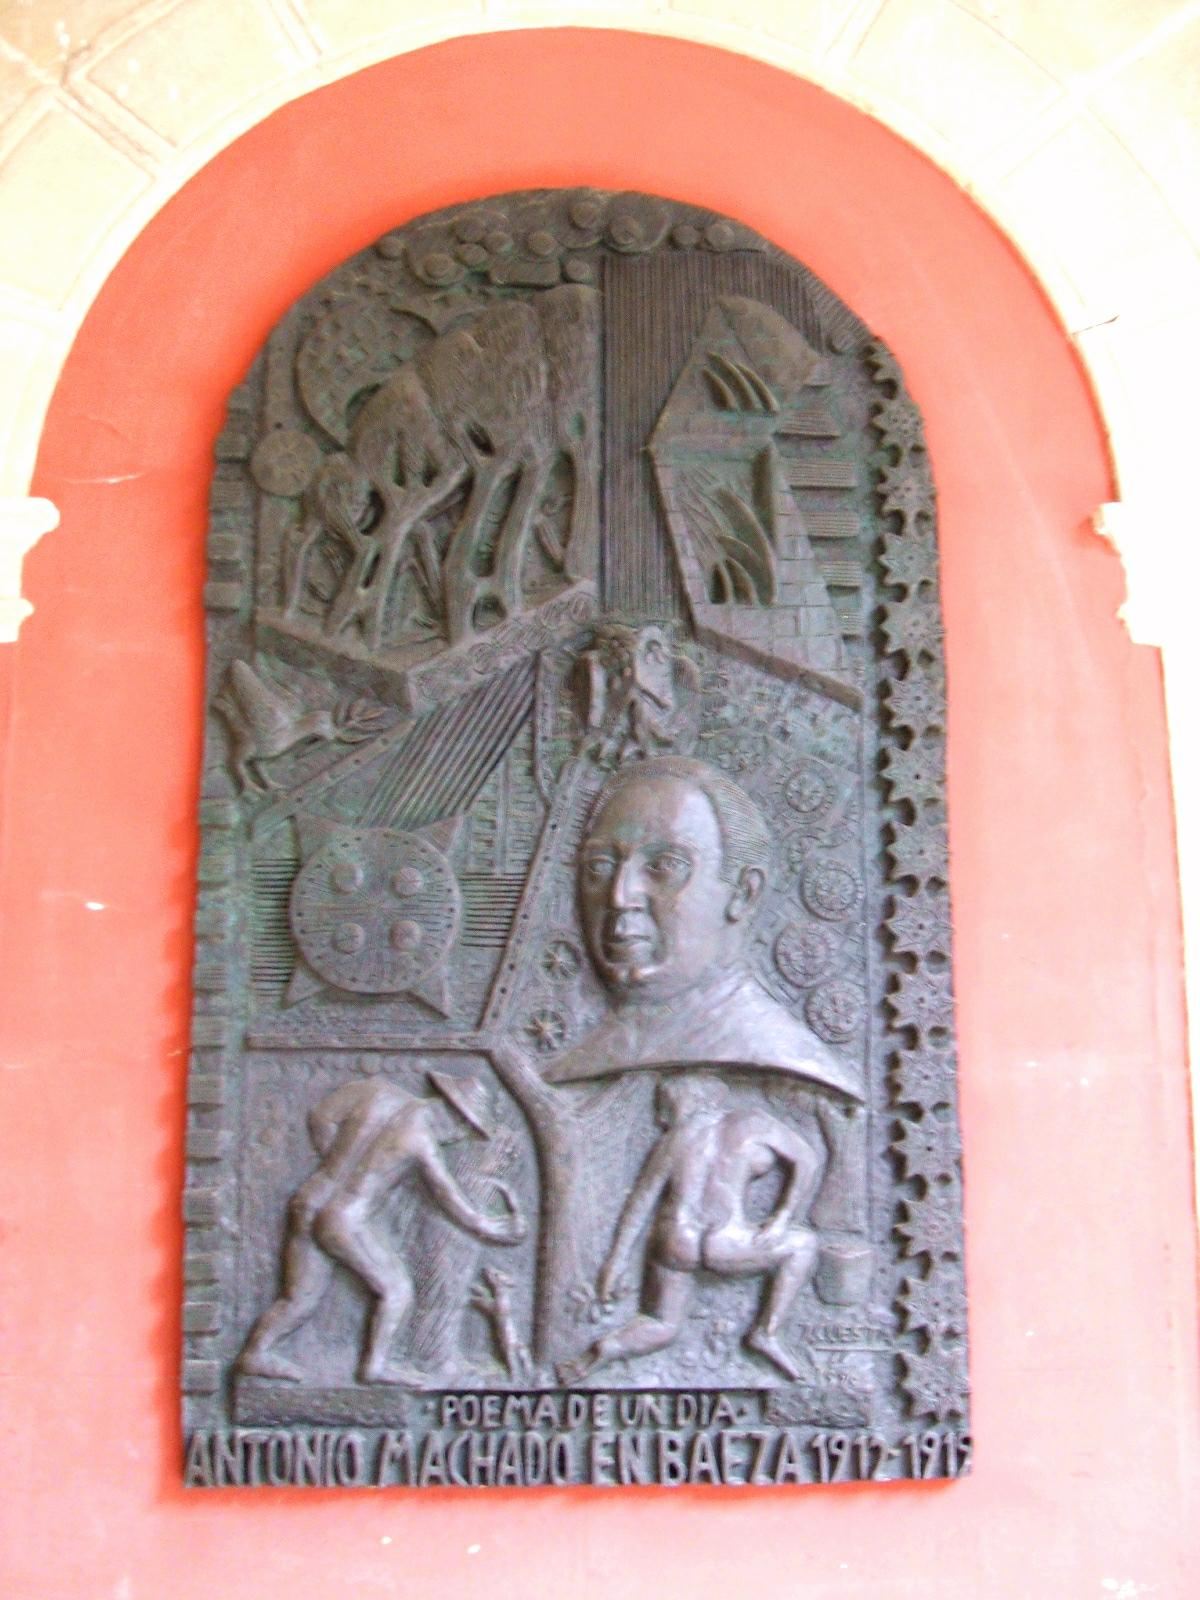 Placa en honor a Antonio Machado en la antigua universidad de Baeza. Siendo Instituto de Bachillerato, el poeta impartió aquí clases de Gramática Francesa desde 1912 hasta 1919.